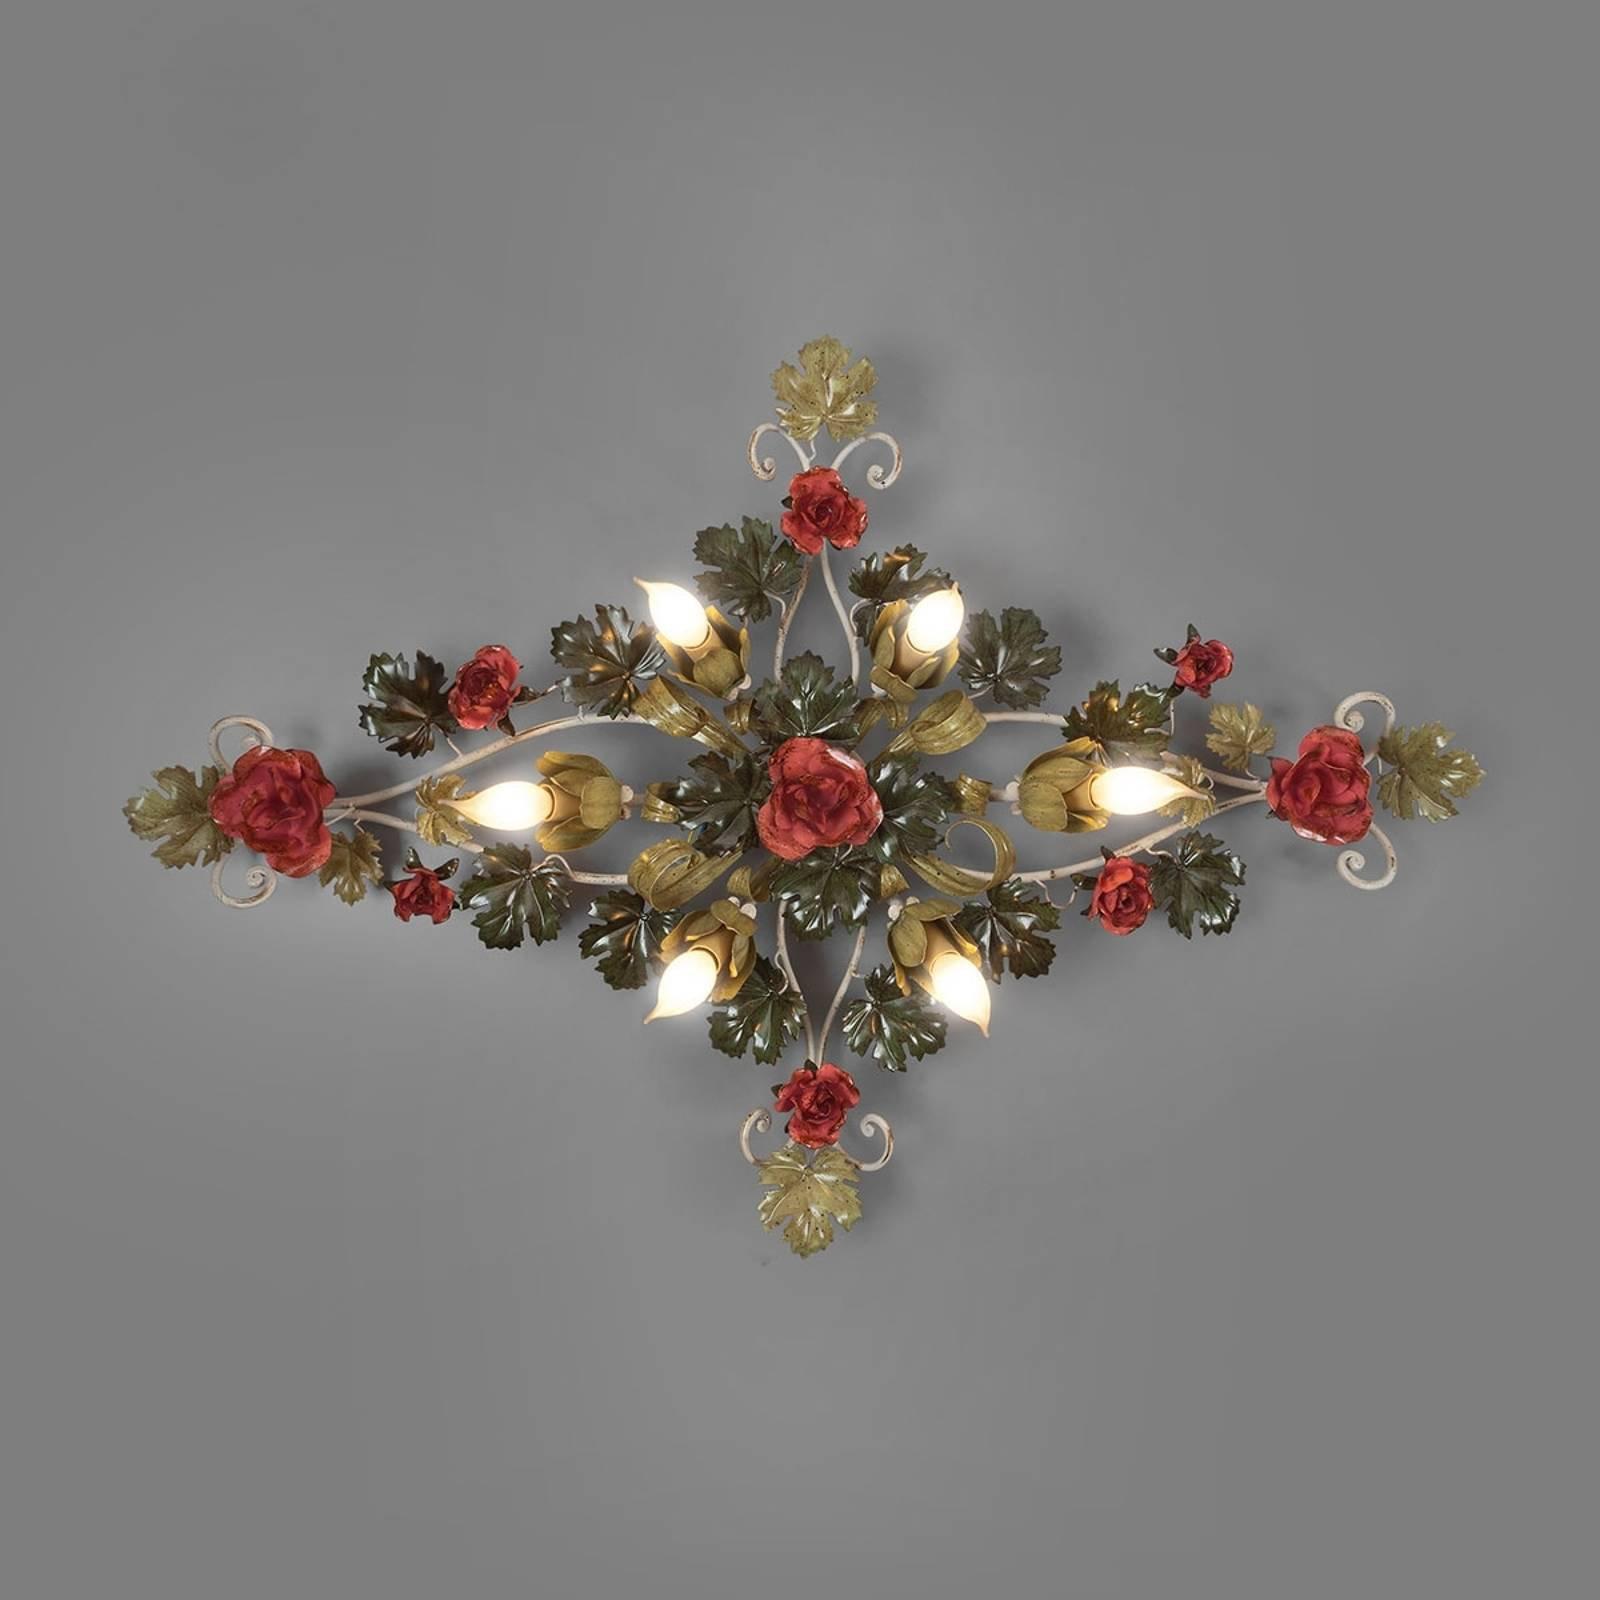 Rosedekorert taklampe Ancona, lengde 115 cm